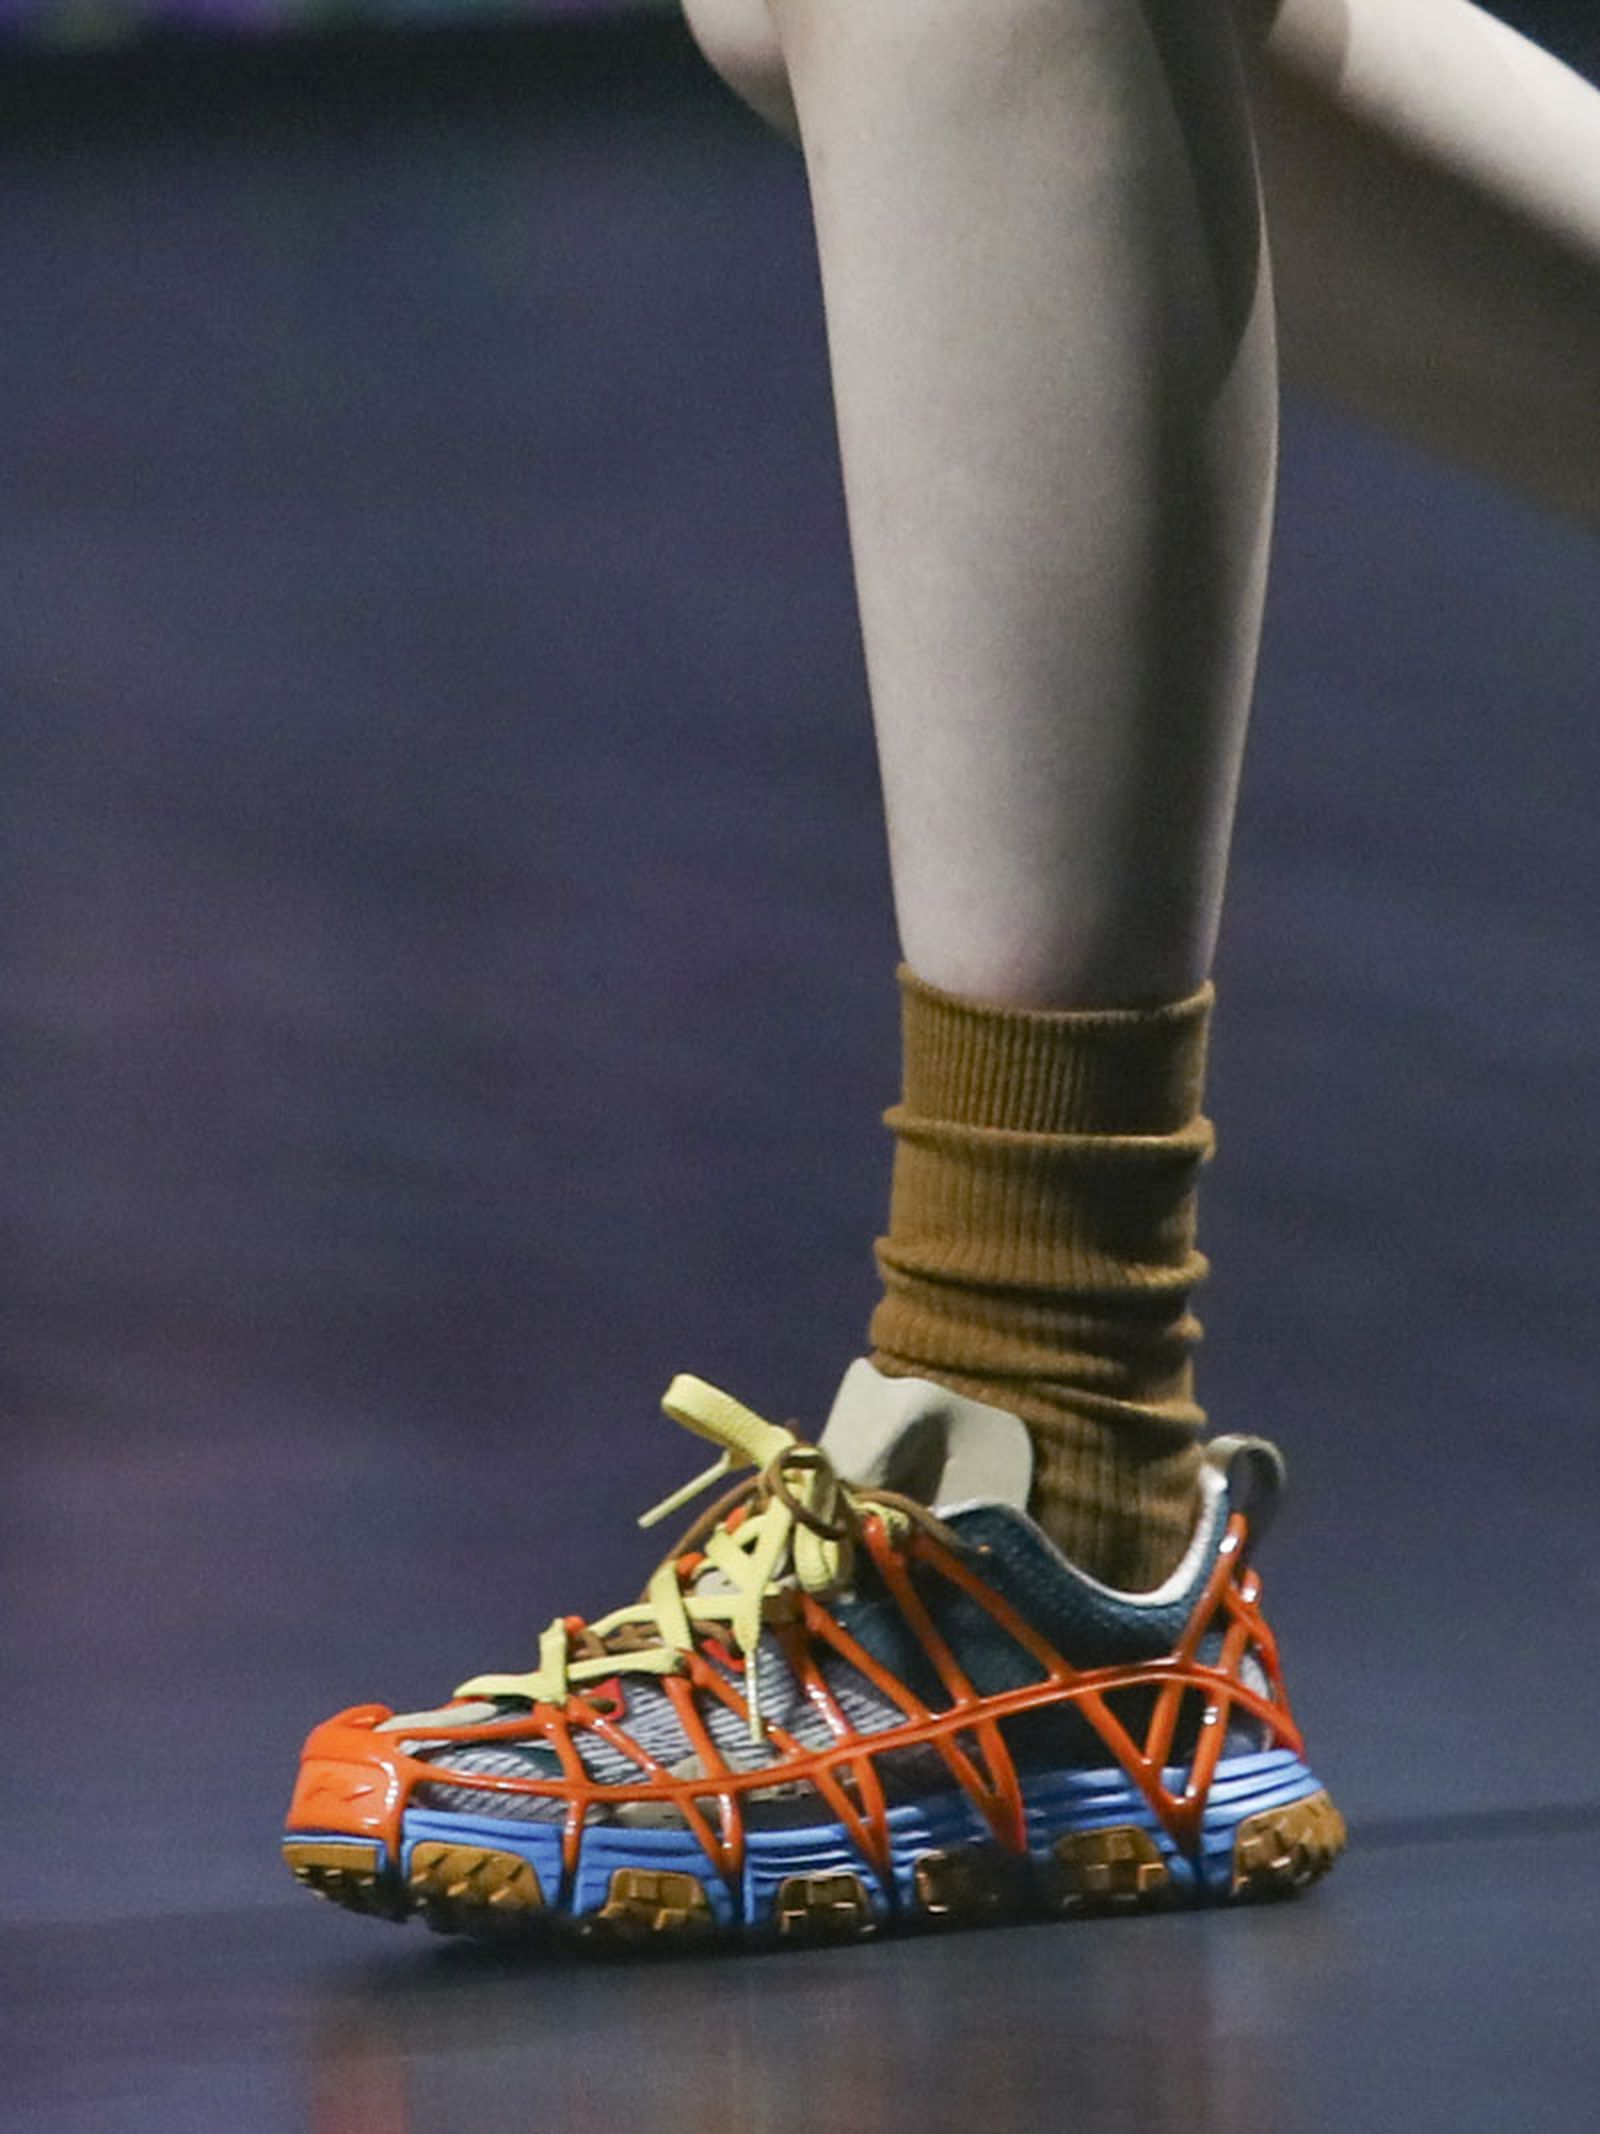 li-ning-ss21-footwear-collection-paris-fashion-week-06